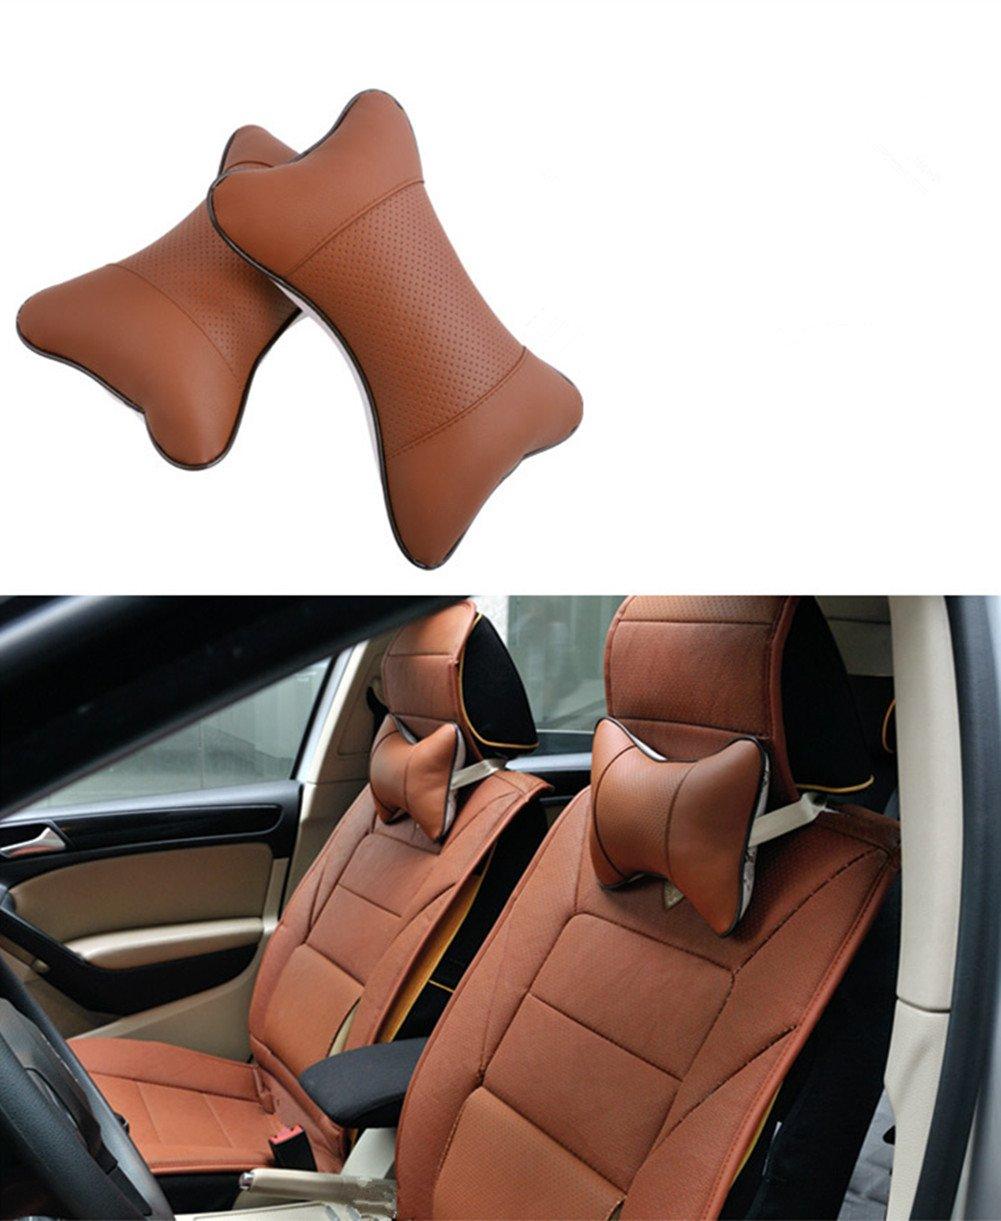 Katech 2 pièces de oreillers tour de cou pour auto appuie tête respirant support de cou Coussin ergonomique coussin de nuque confortable de voiture Oreiller de voyage